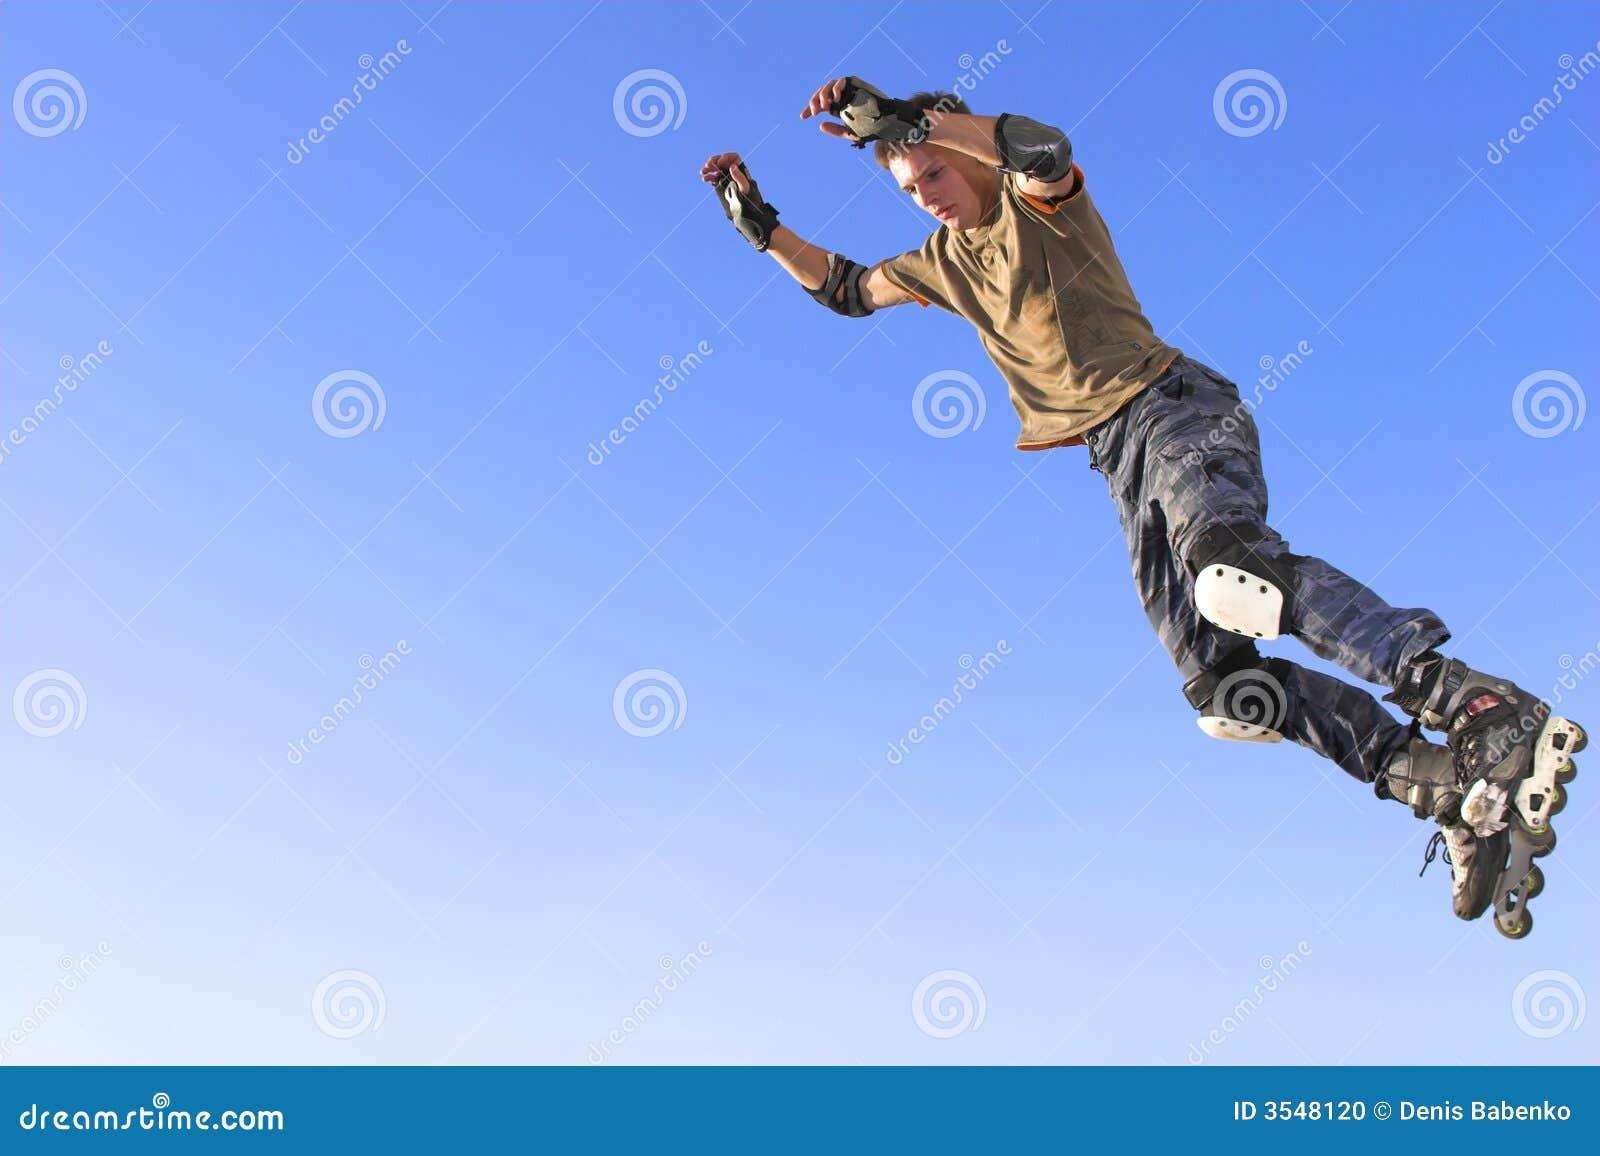 ролик активного мальчика скача